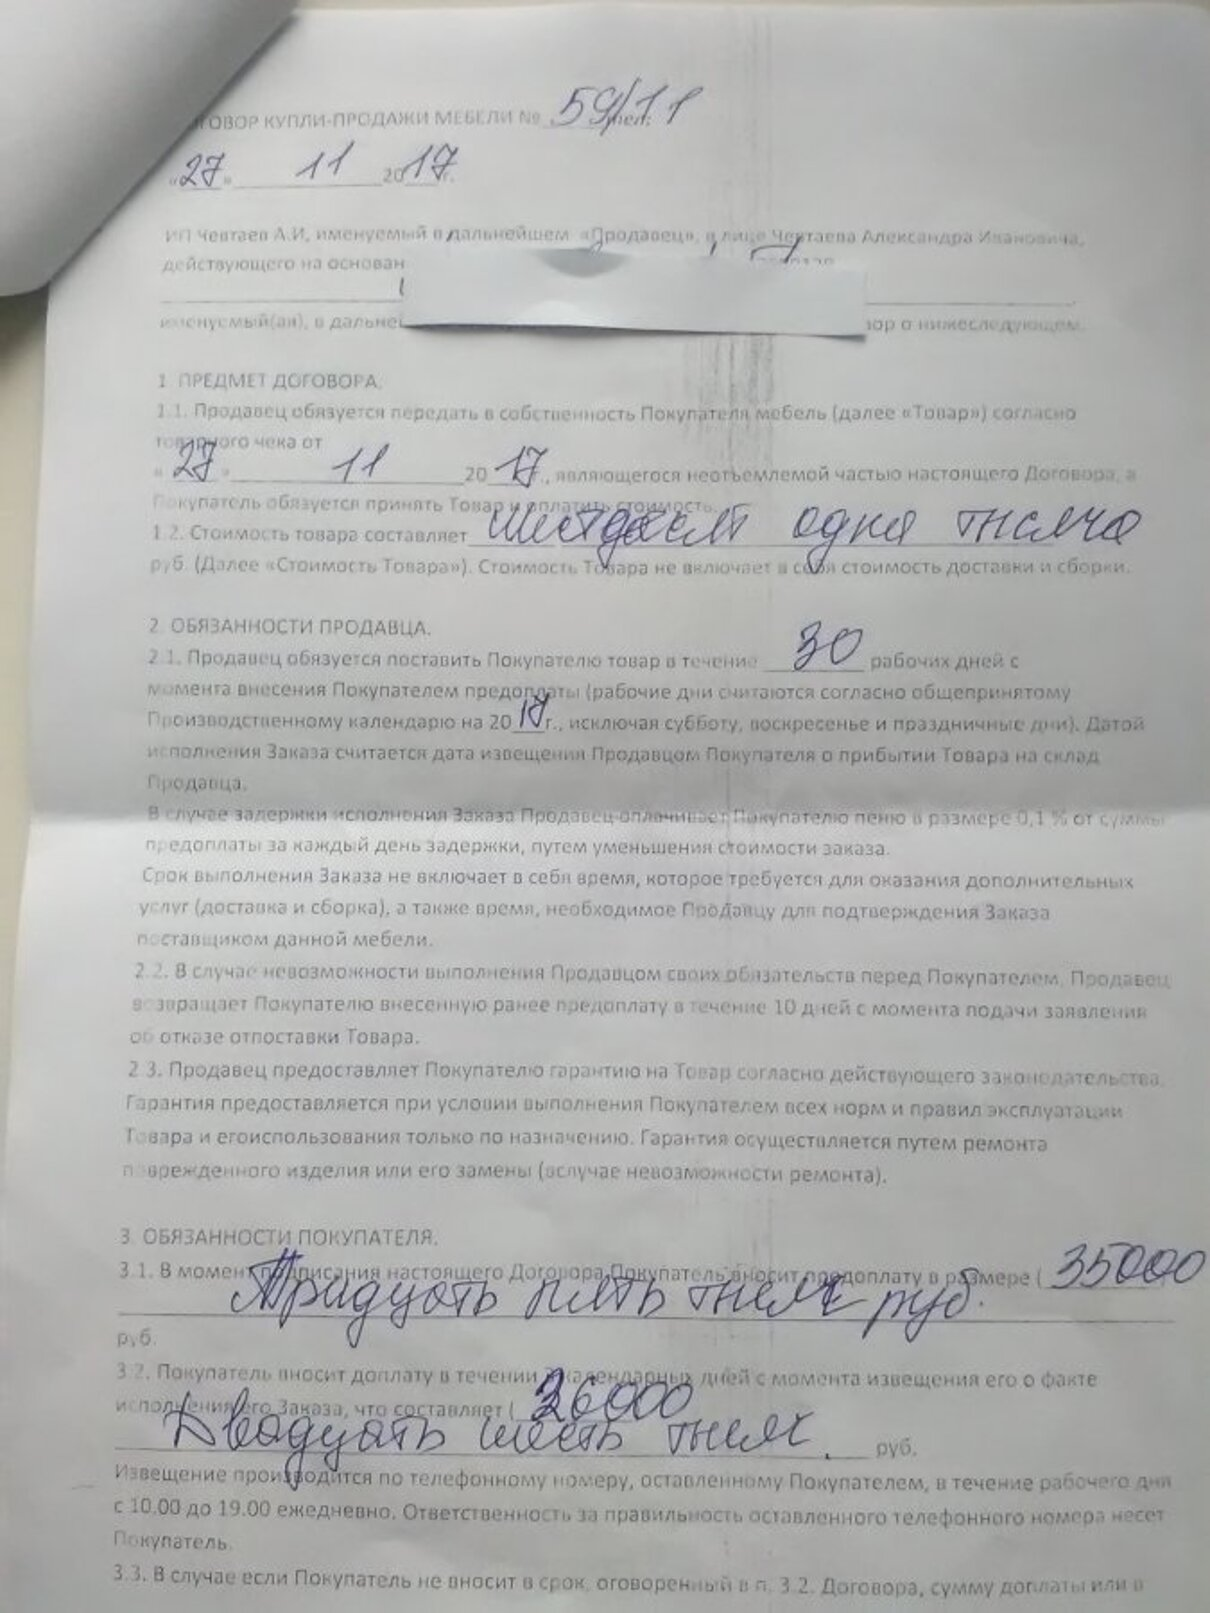 Жалоба-отзыв: ИПЧевтаев Александр Иванович - НЕ заказывайте диваны в ИП Чевтаев АИ.  Фото №5